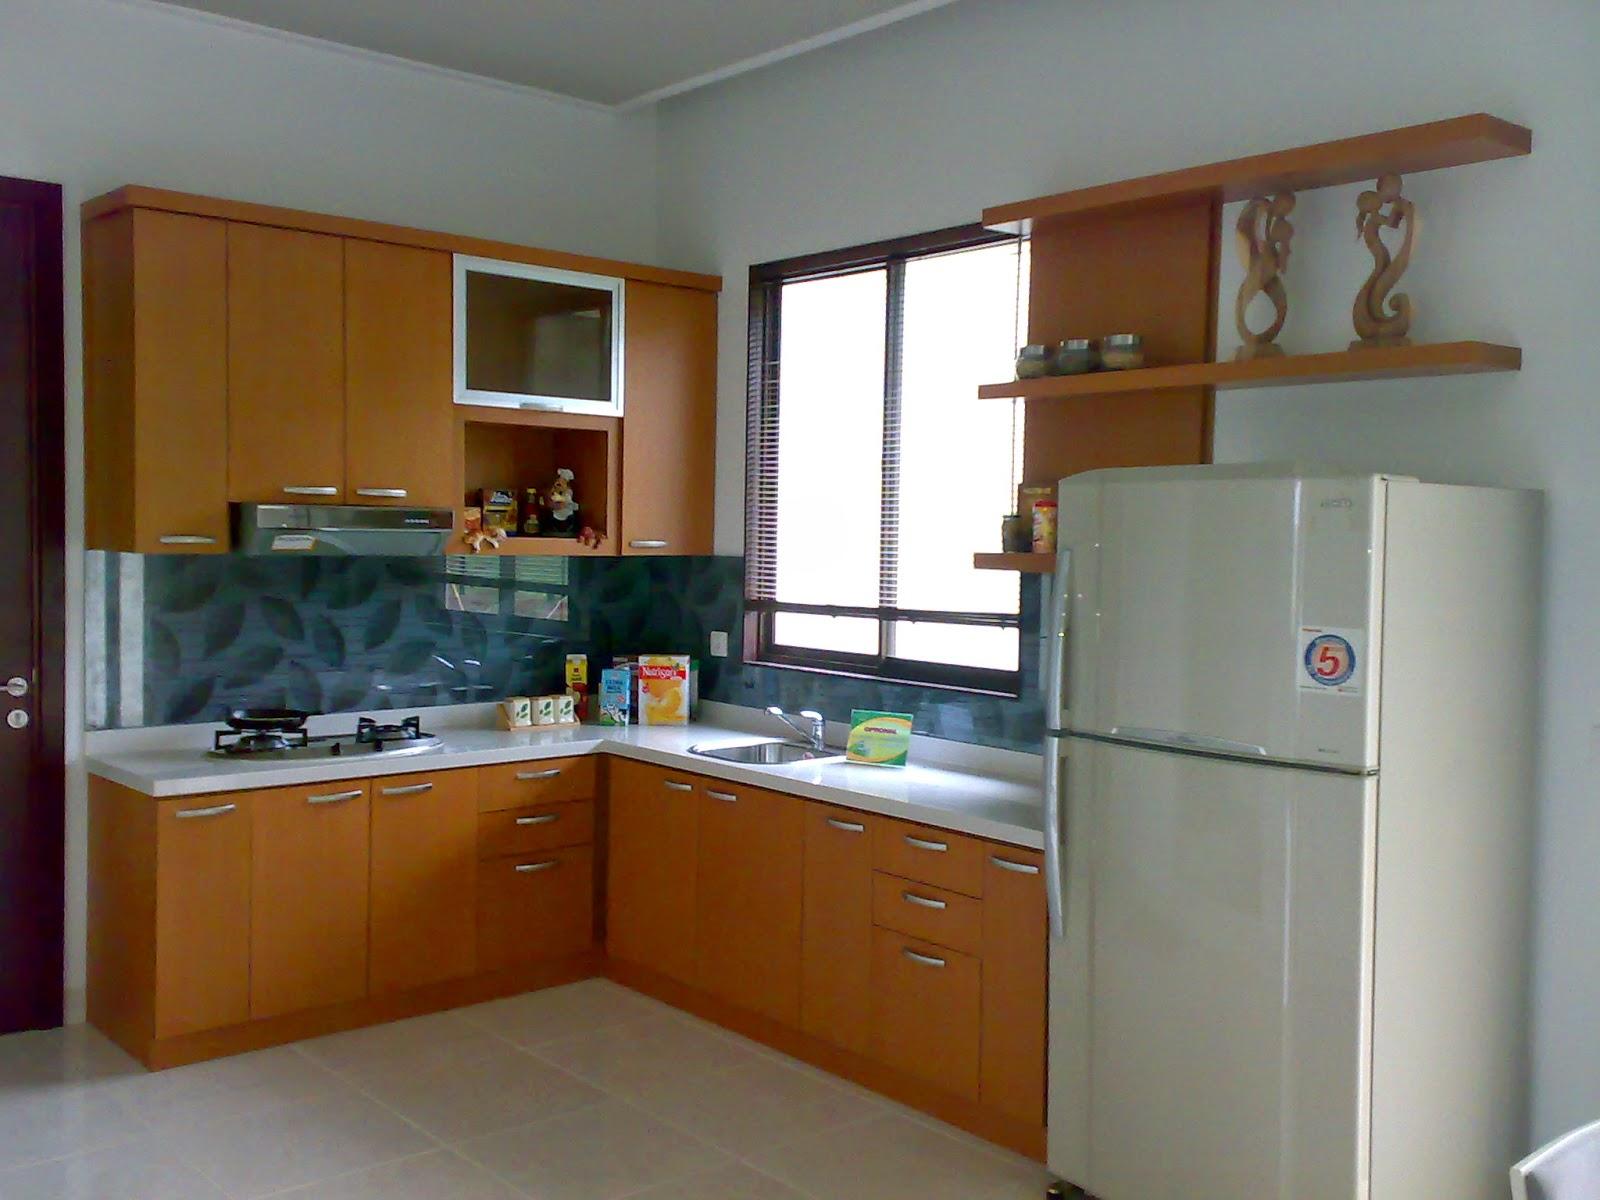 warna interior rumah minimalis untuk dapur